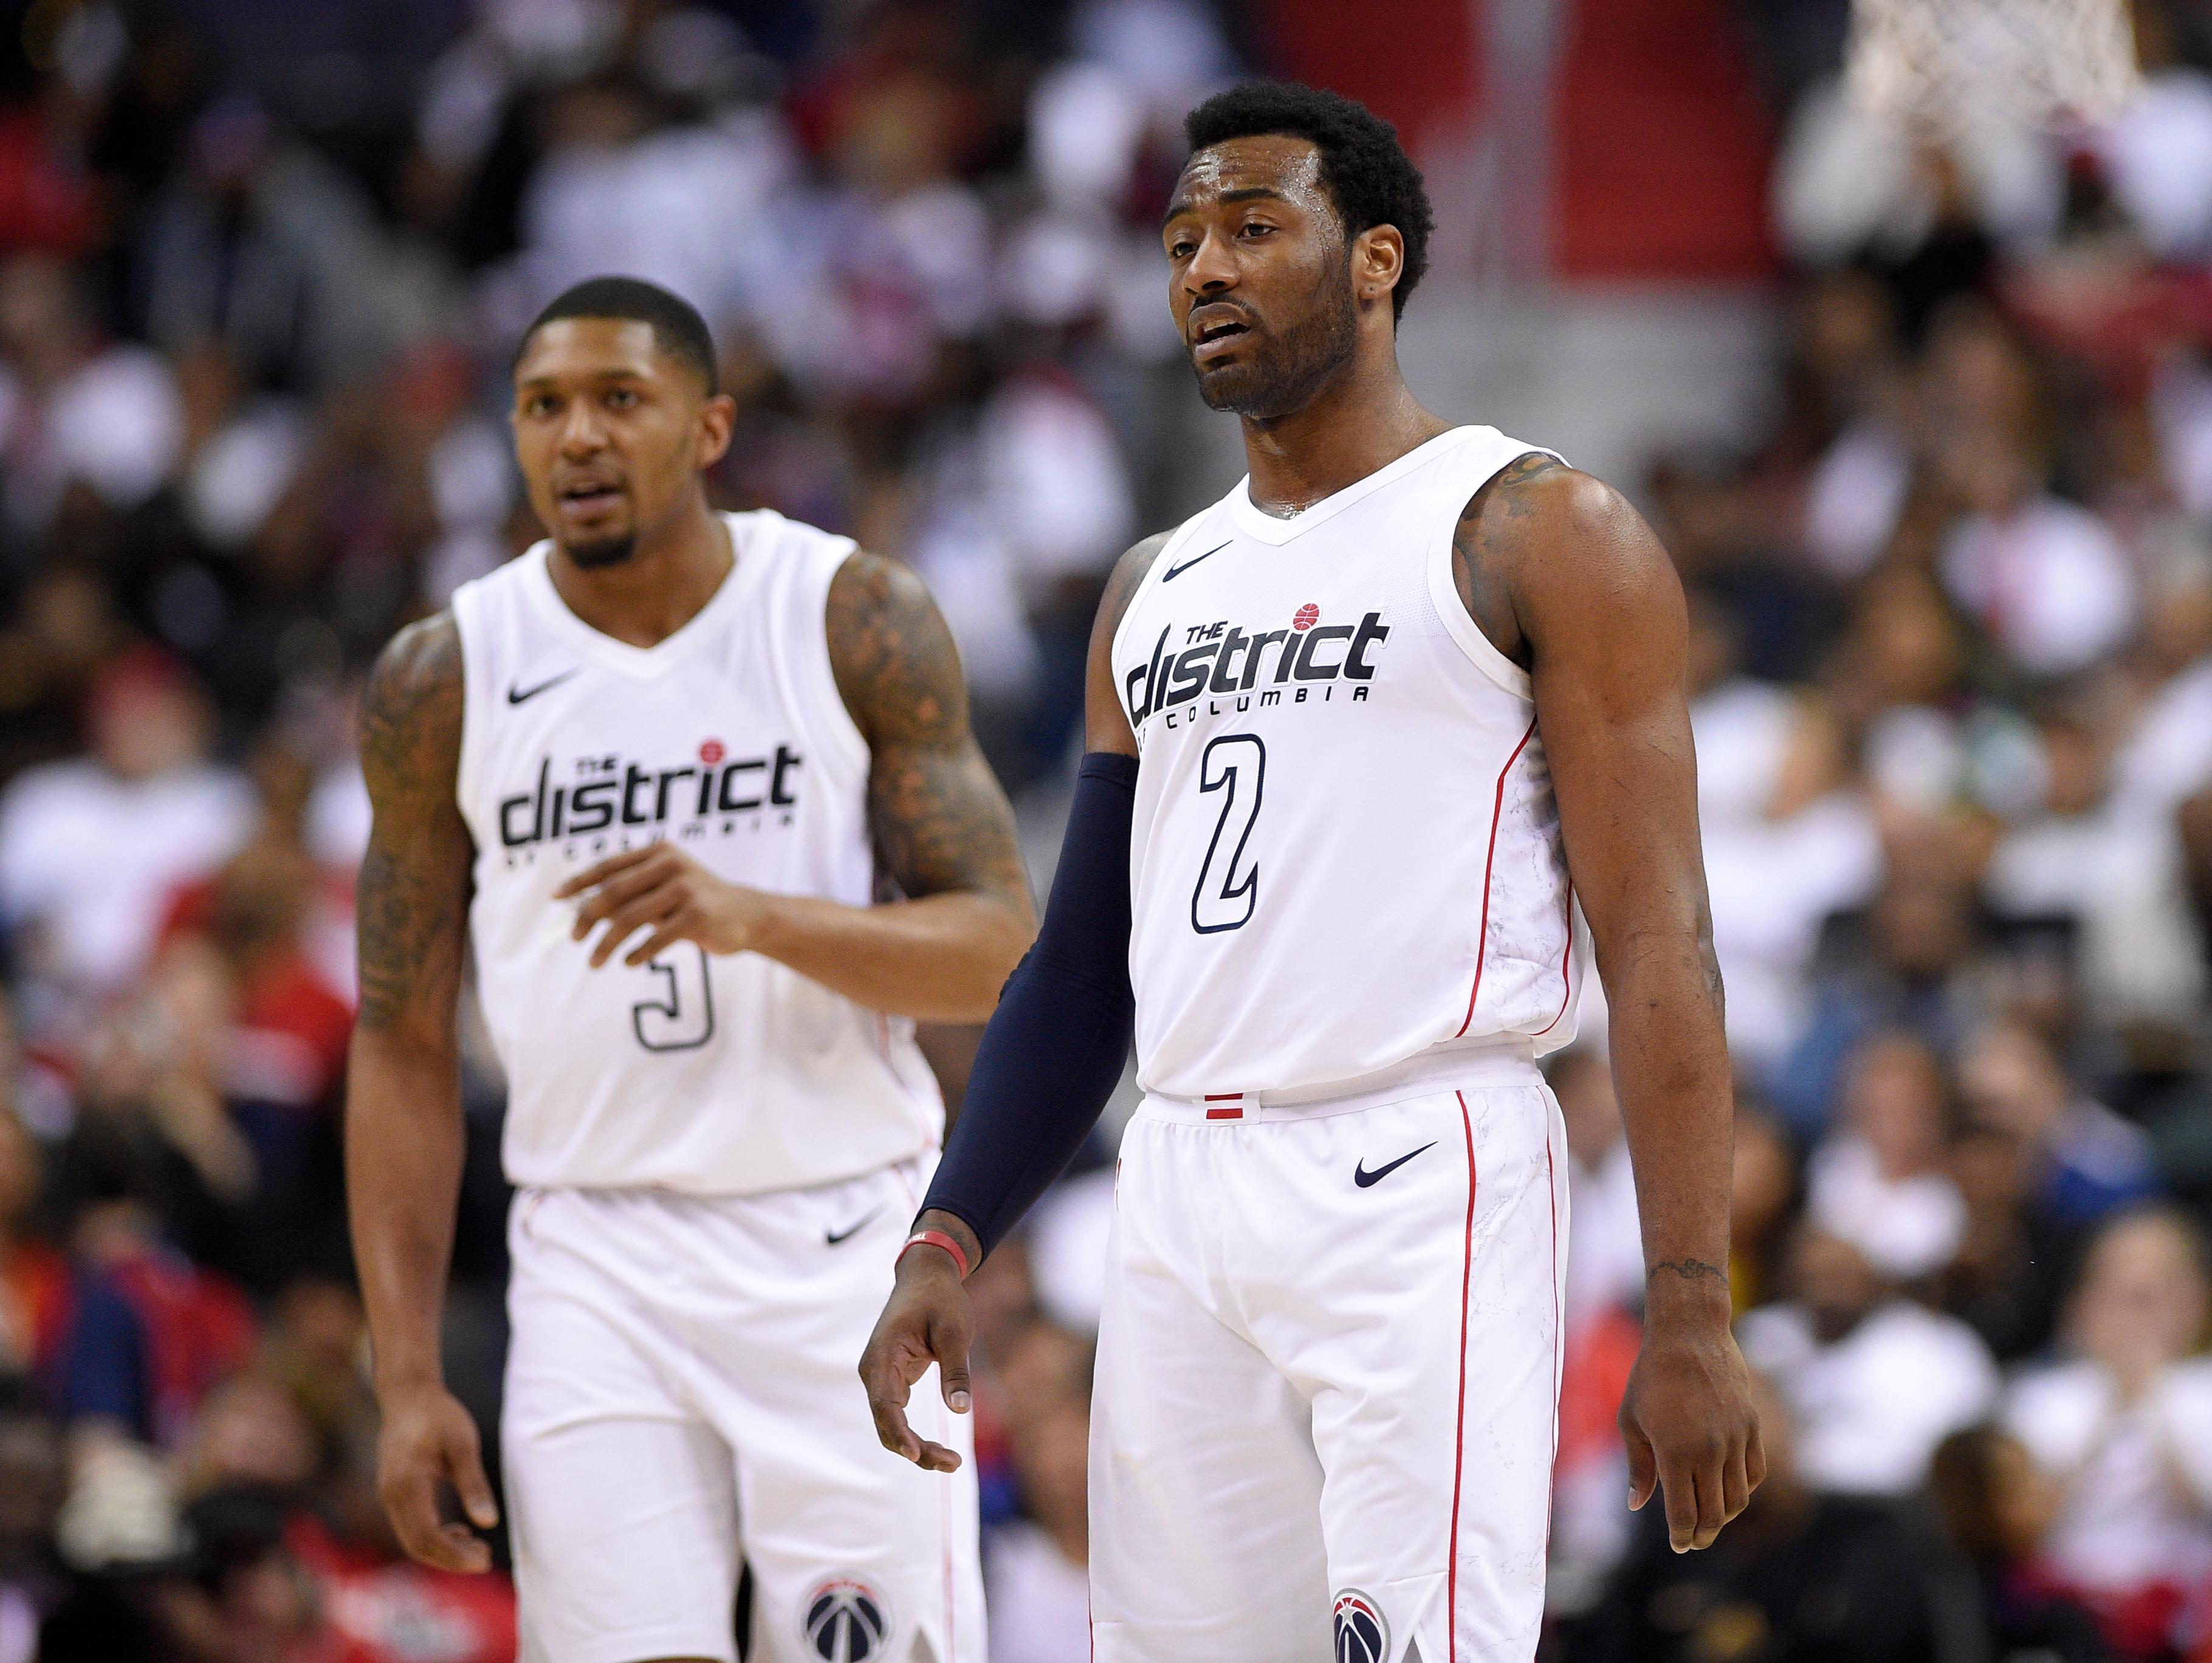 יהיה פיצוץ: מושמצי ה-NBA התכנסו בוושינגטון בתקווה לנפץ את הסטיגמה